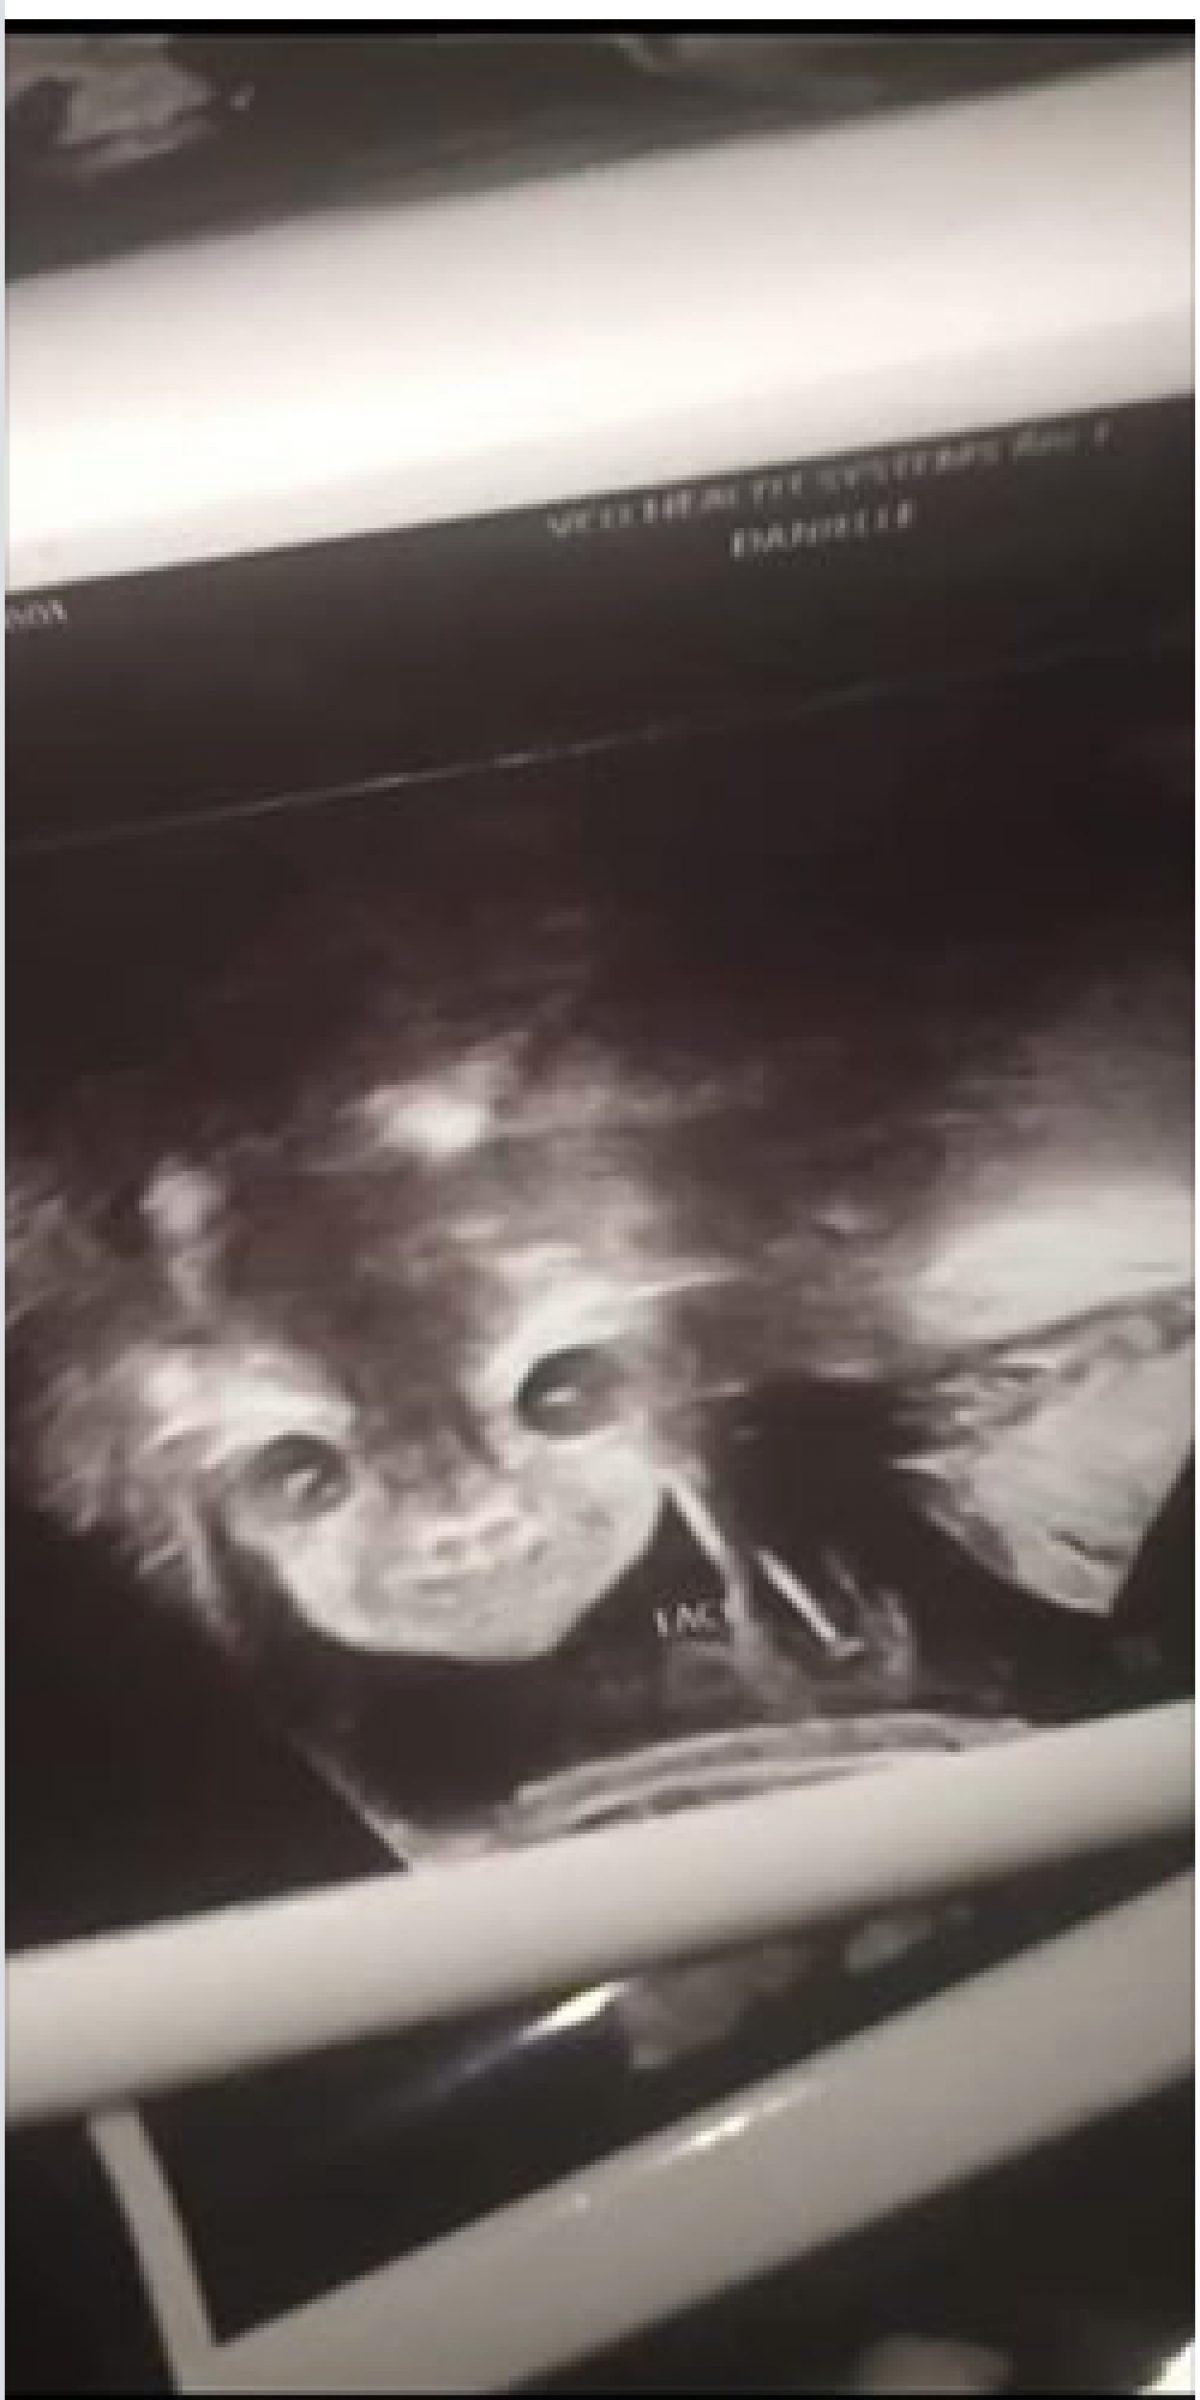 Captan aterradoras imágenes durante un ultrasonido